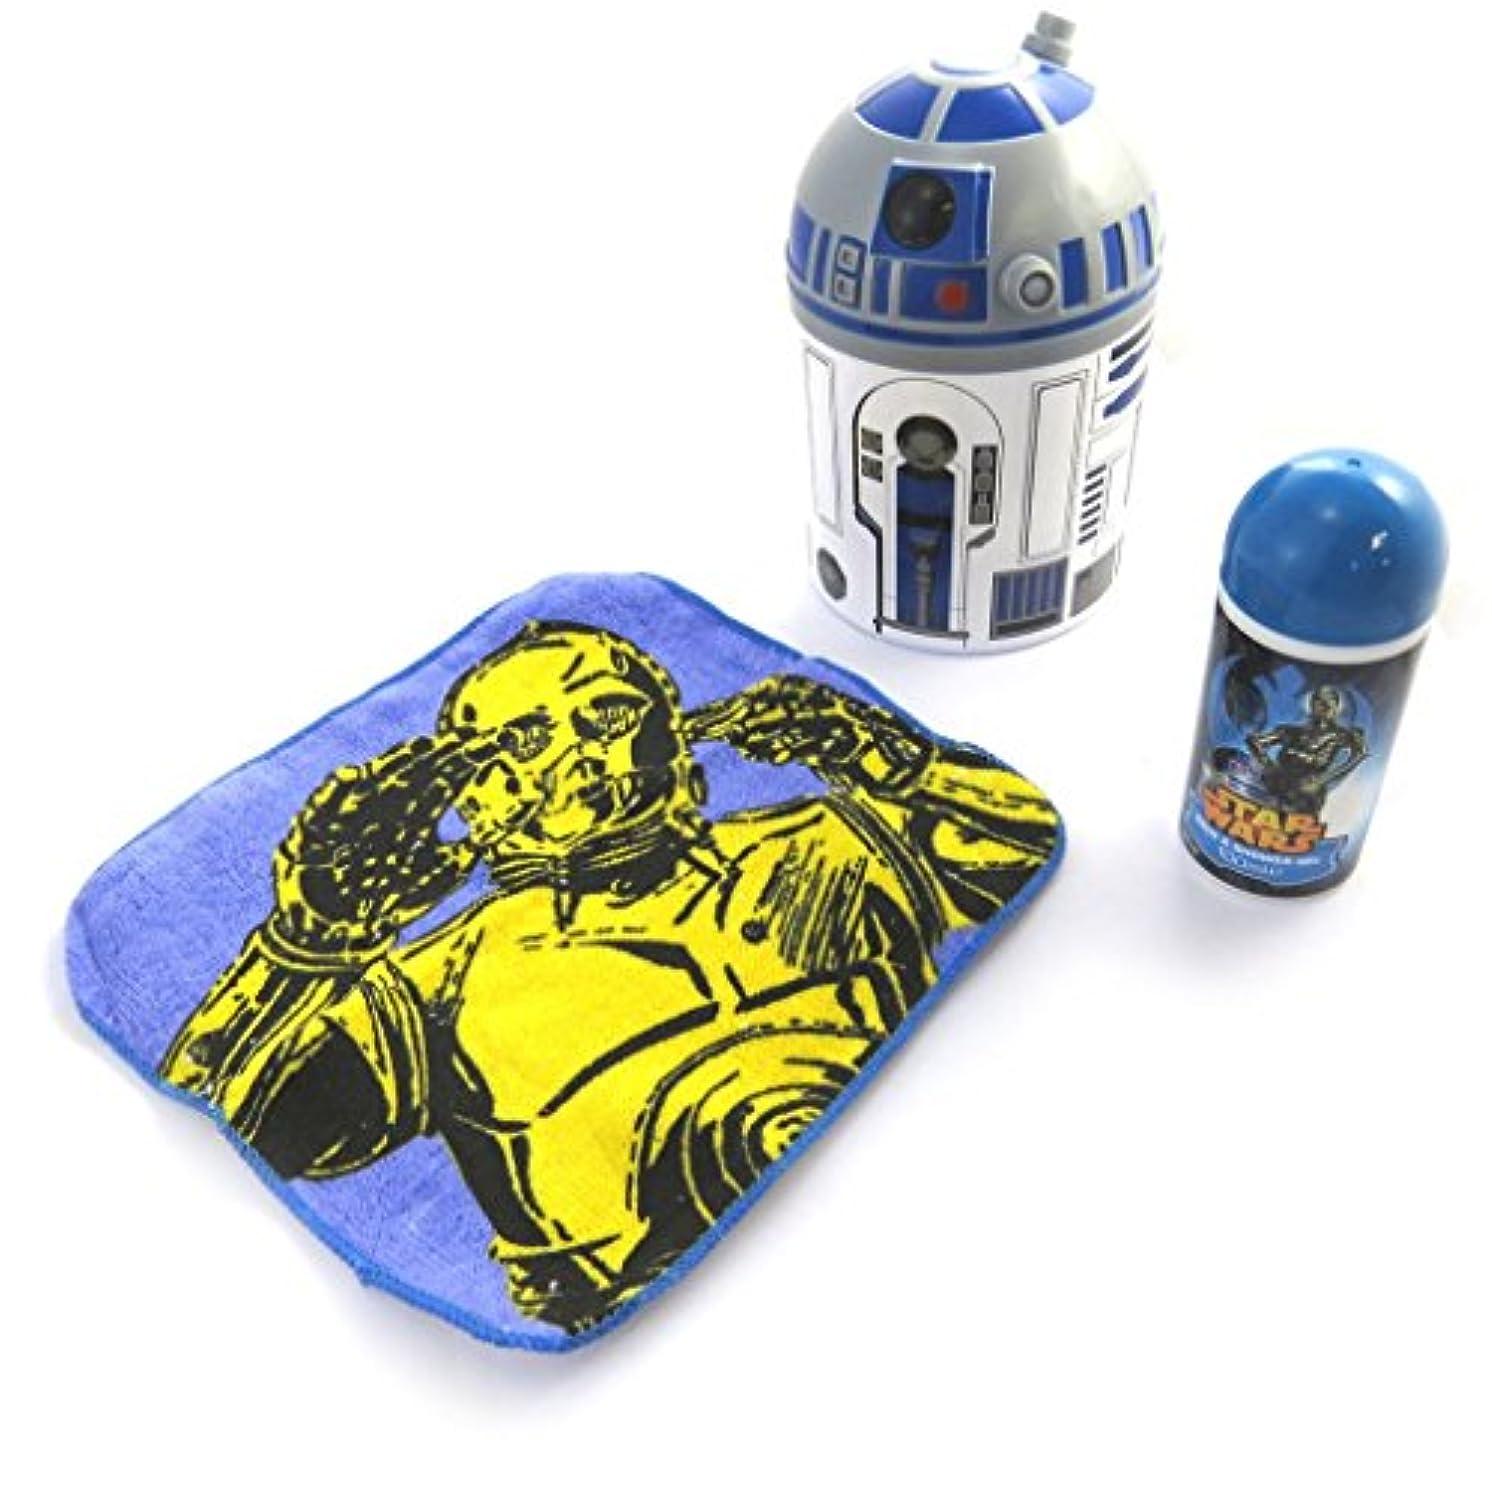 ルーチン大陸安いです[スター·ウォーズ (Star Wars)] (Star Wars コレクション) [M9079] ブルー